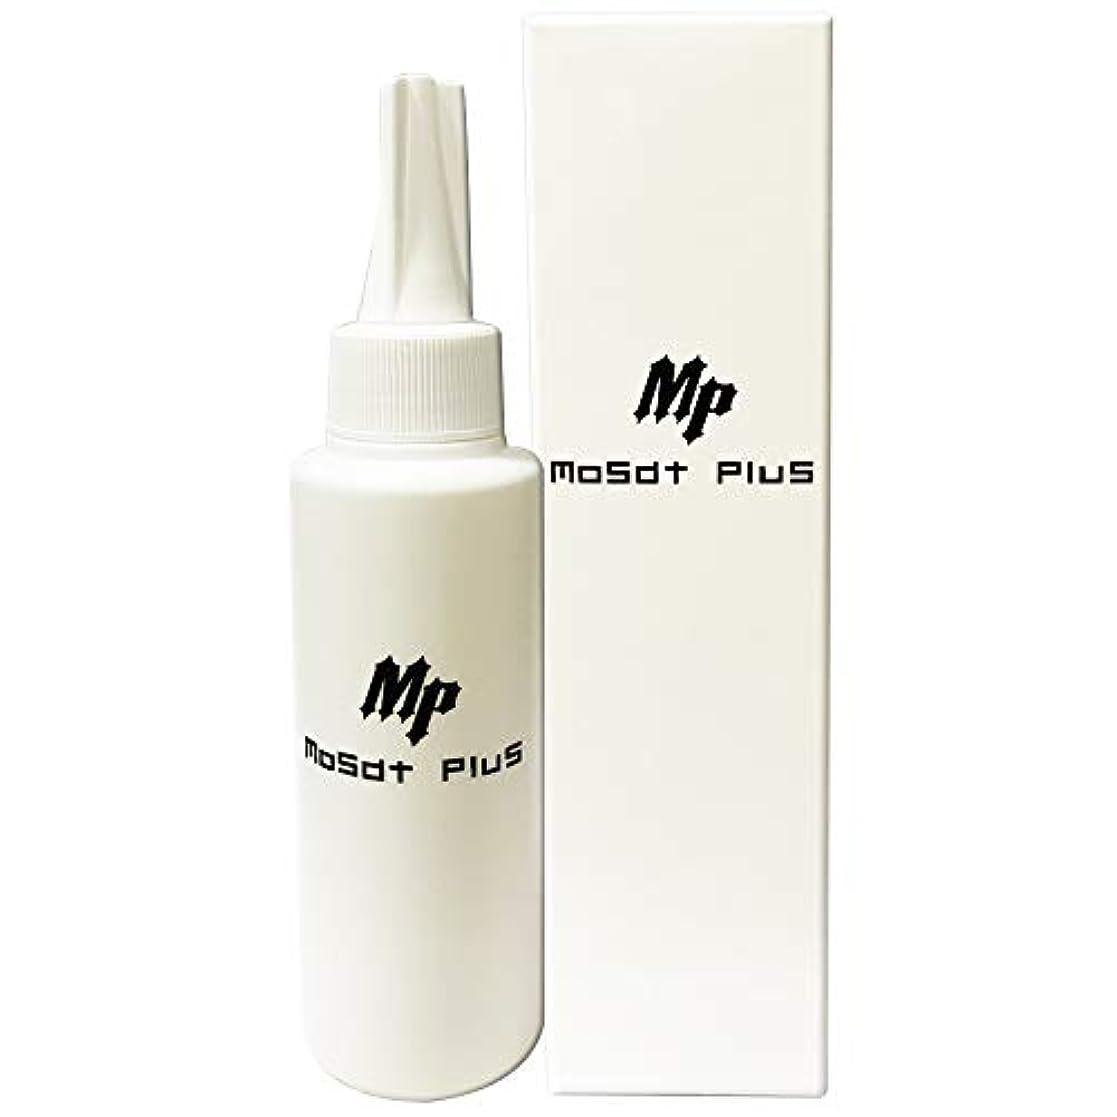 副詞回答周辺【医薬部外品】Mosat Plus モサットプラス 育毛剤 ジェルタイプ 薬用 100mL